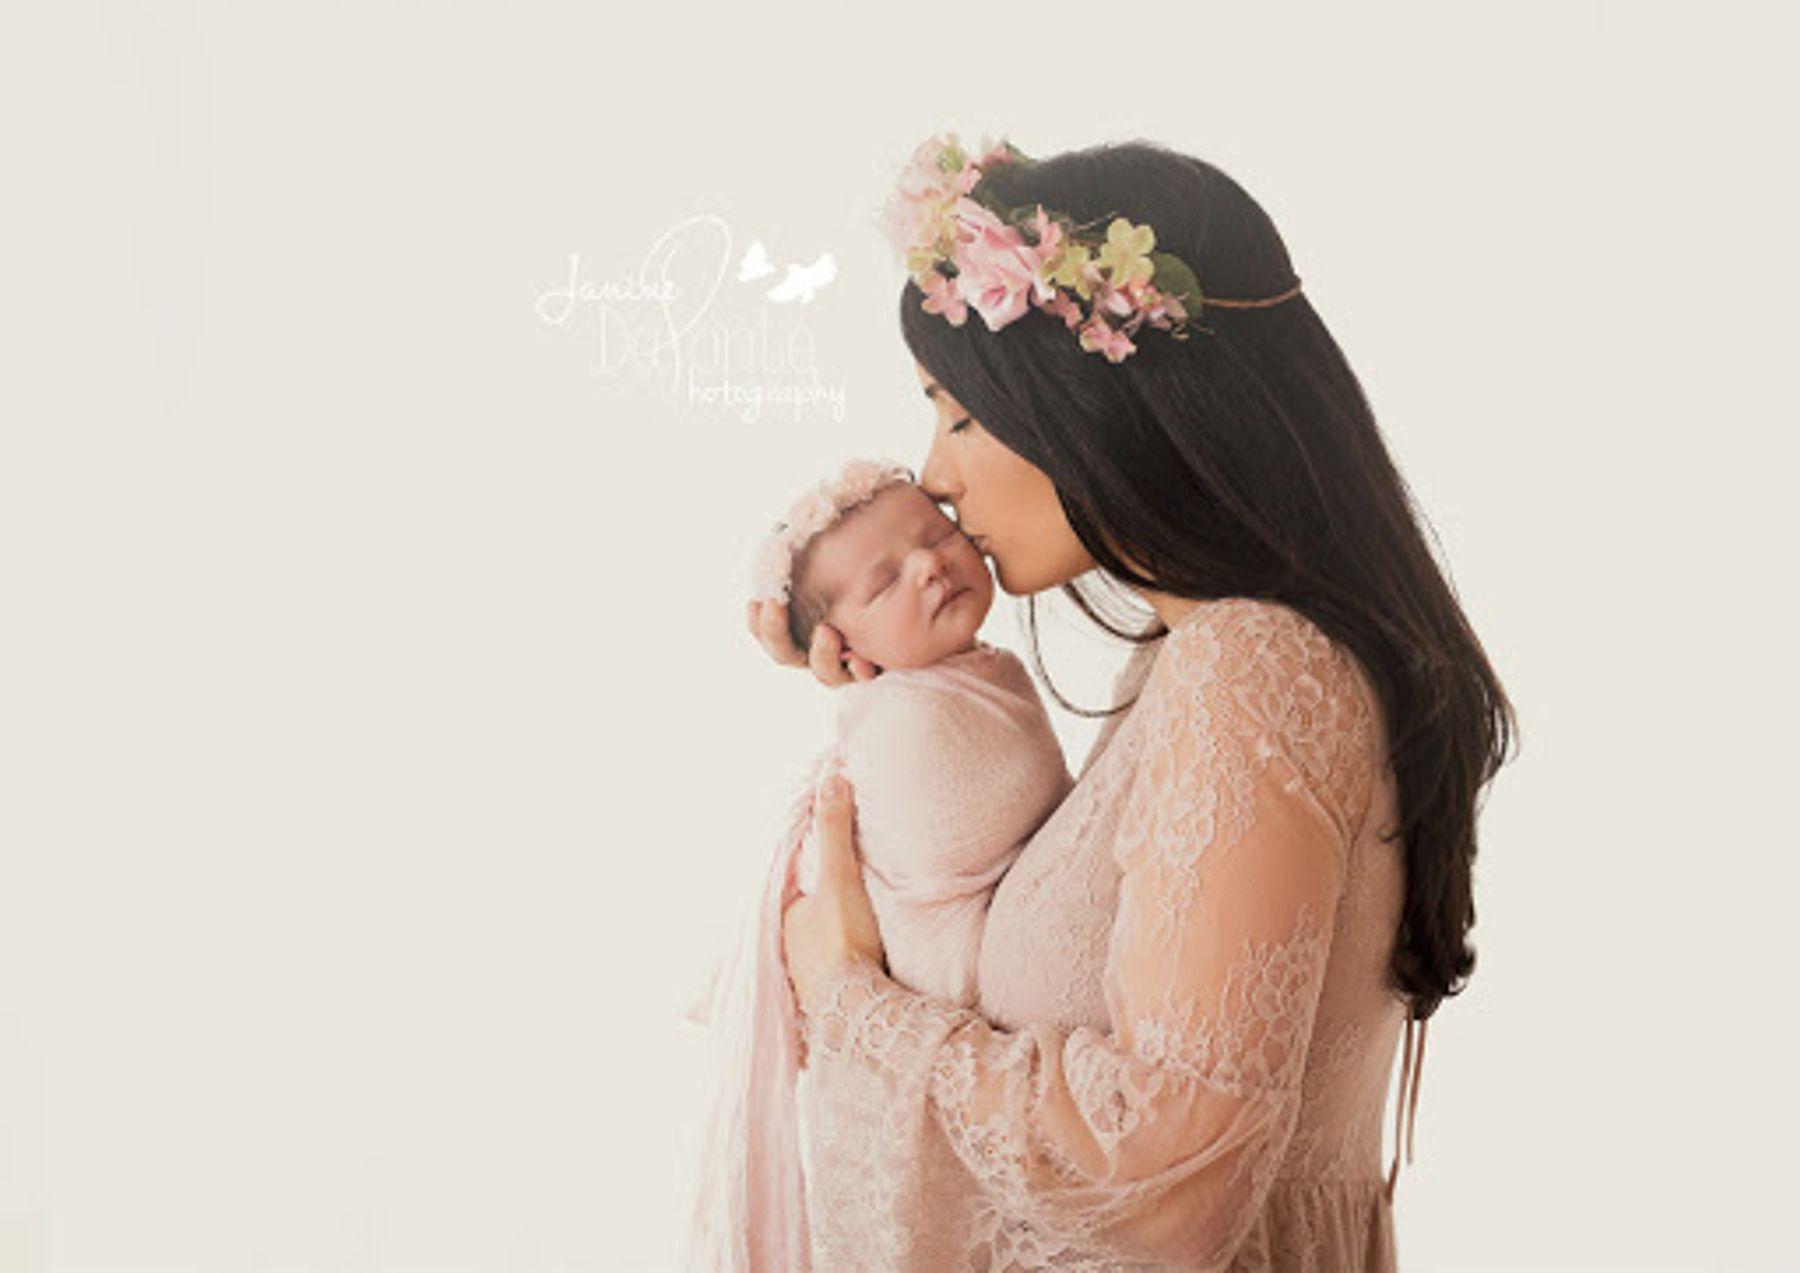 Những điểm thay đổi về cơ thể sau sinh lần đầu làm mẹ